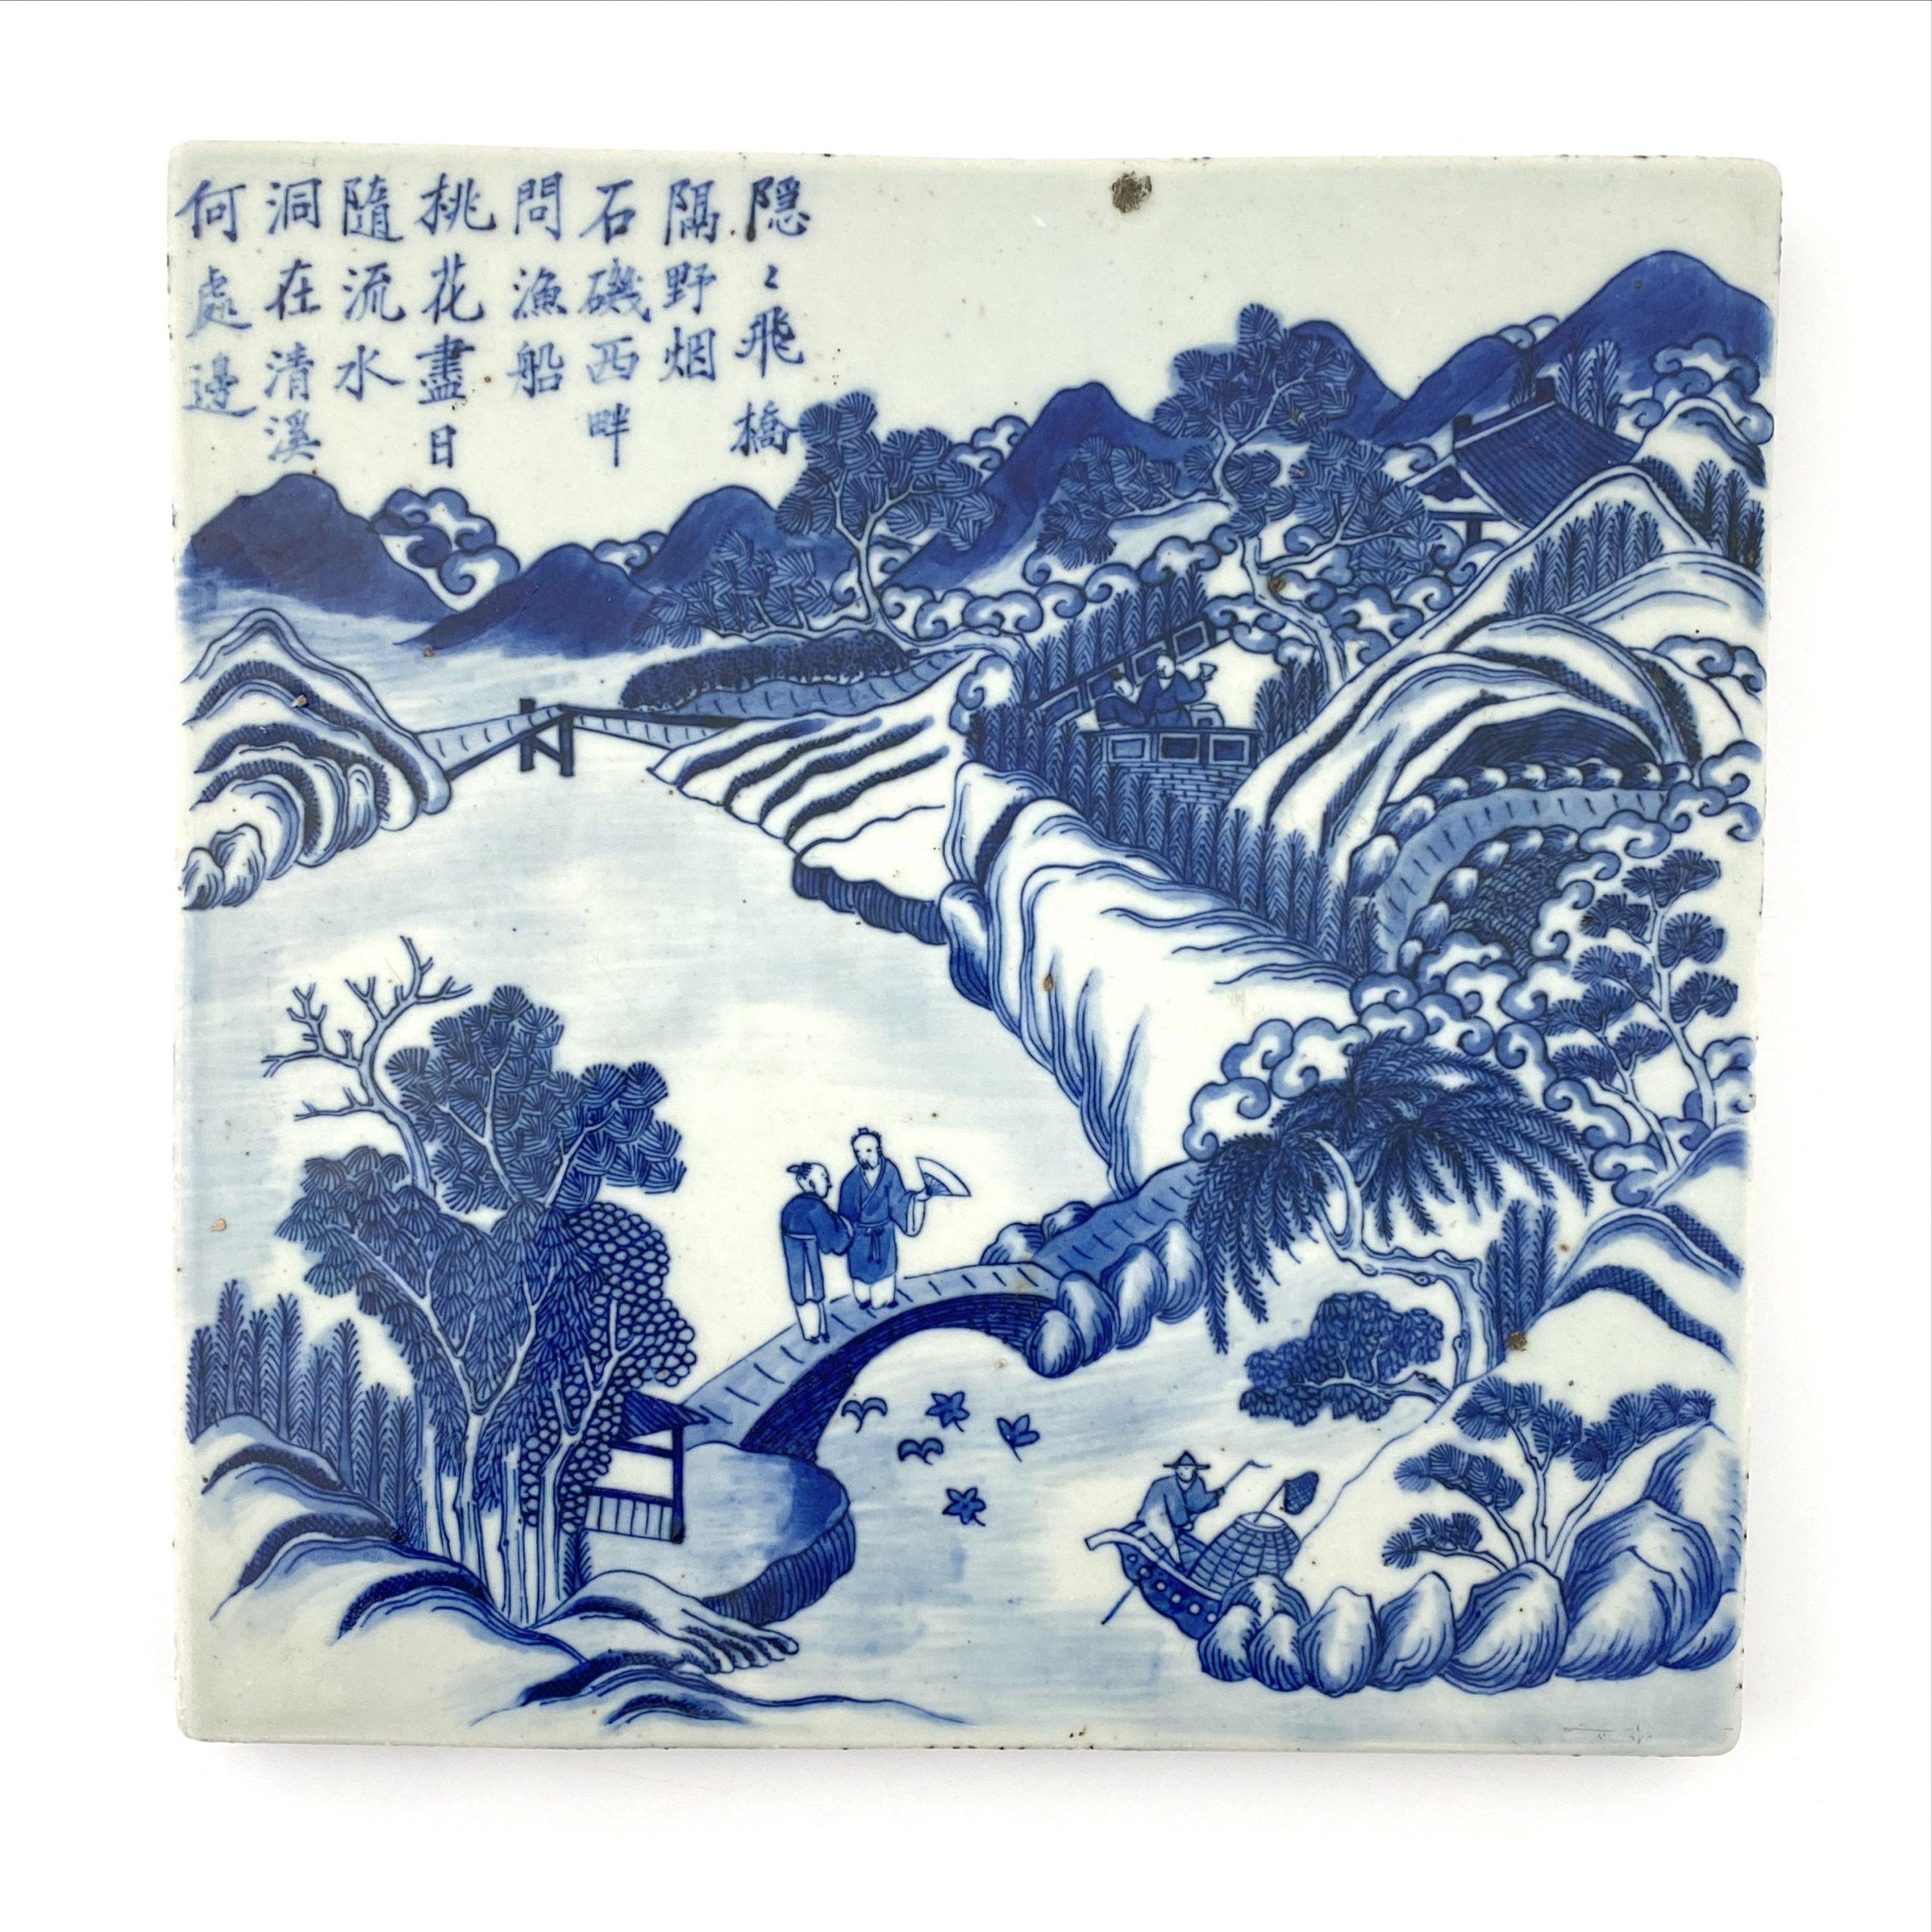 21064清「嘉靖年製」款 青花 山水人物図 陶板